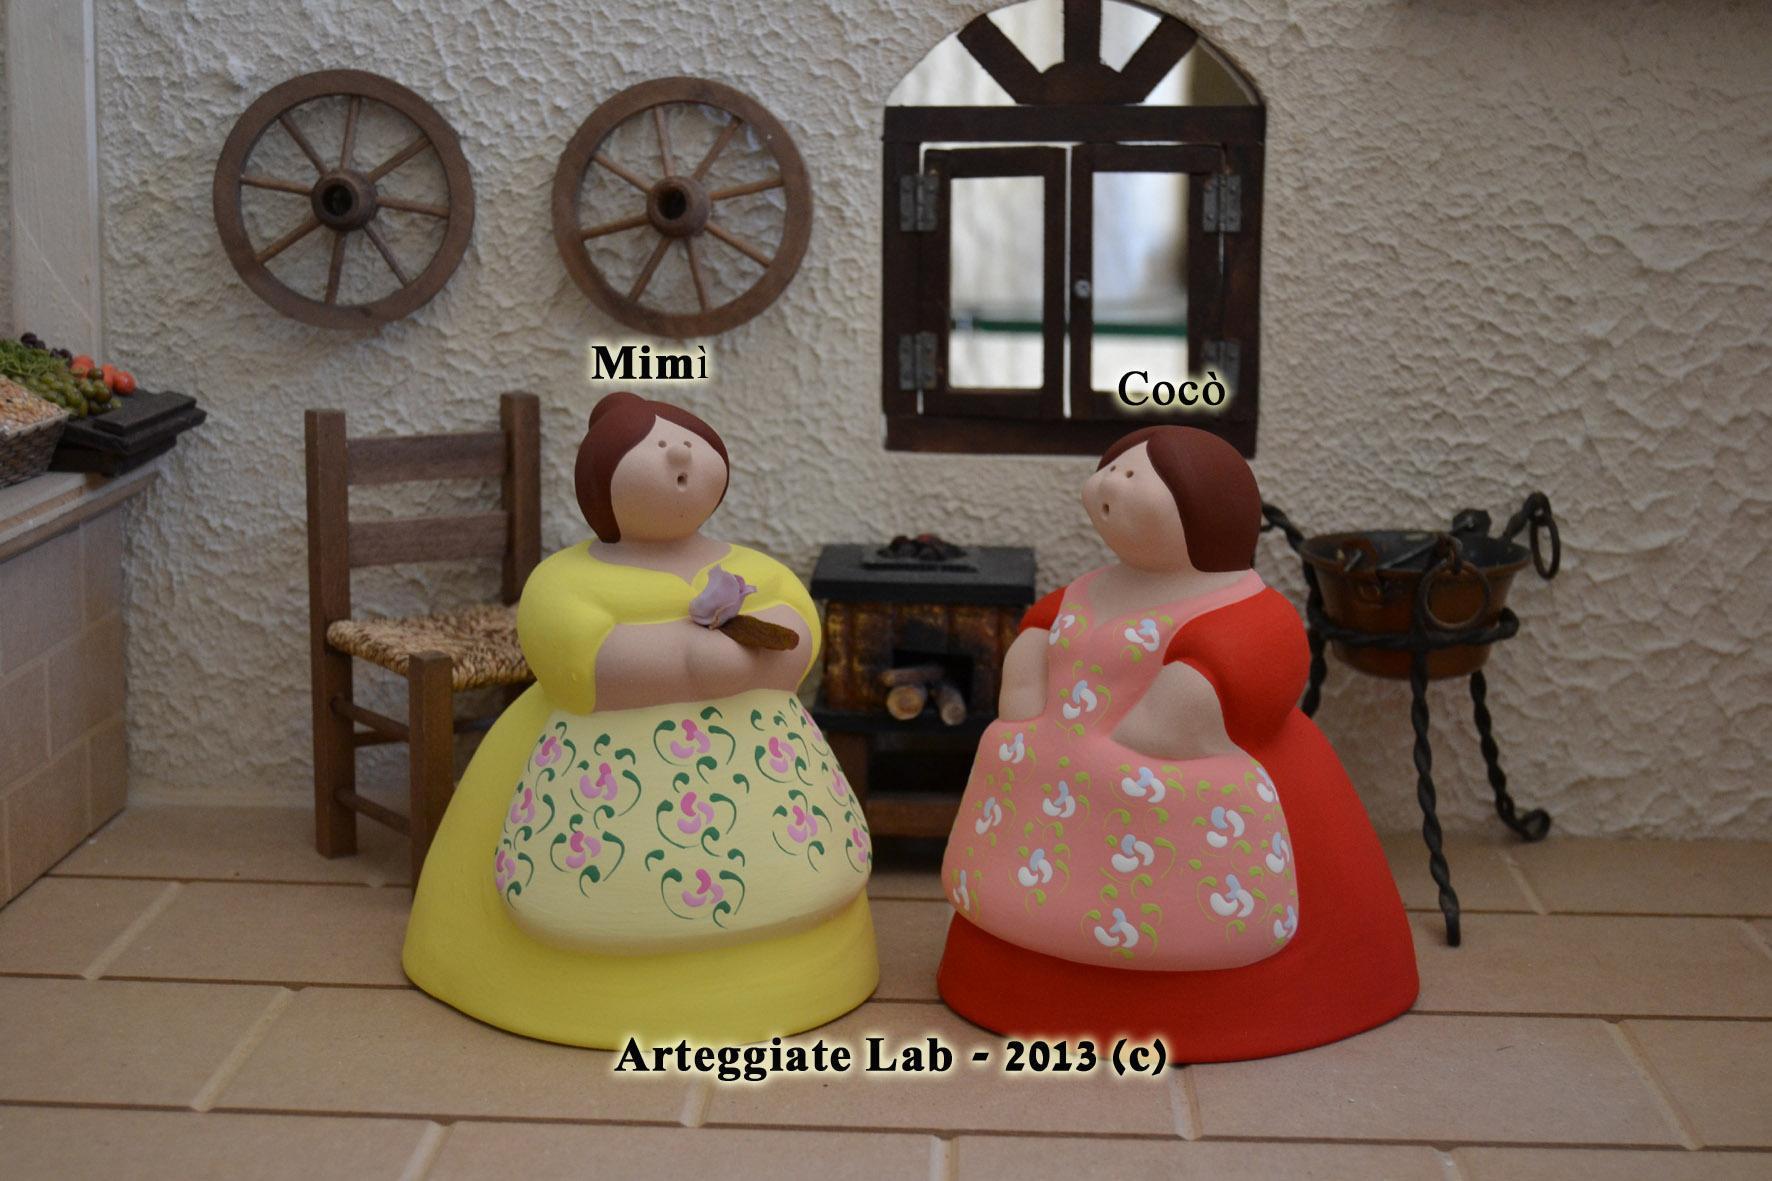 CLICCA SULLA FOTO PER INGRANDIRLA